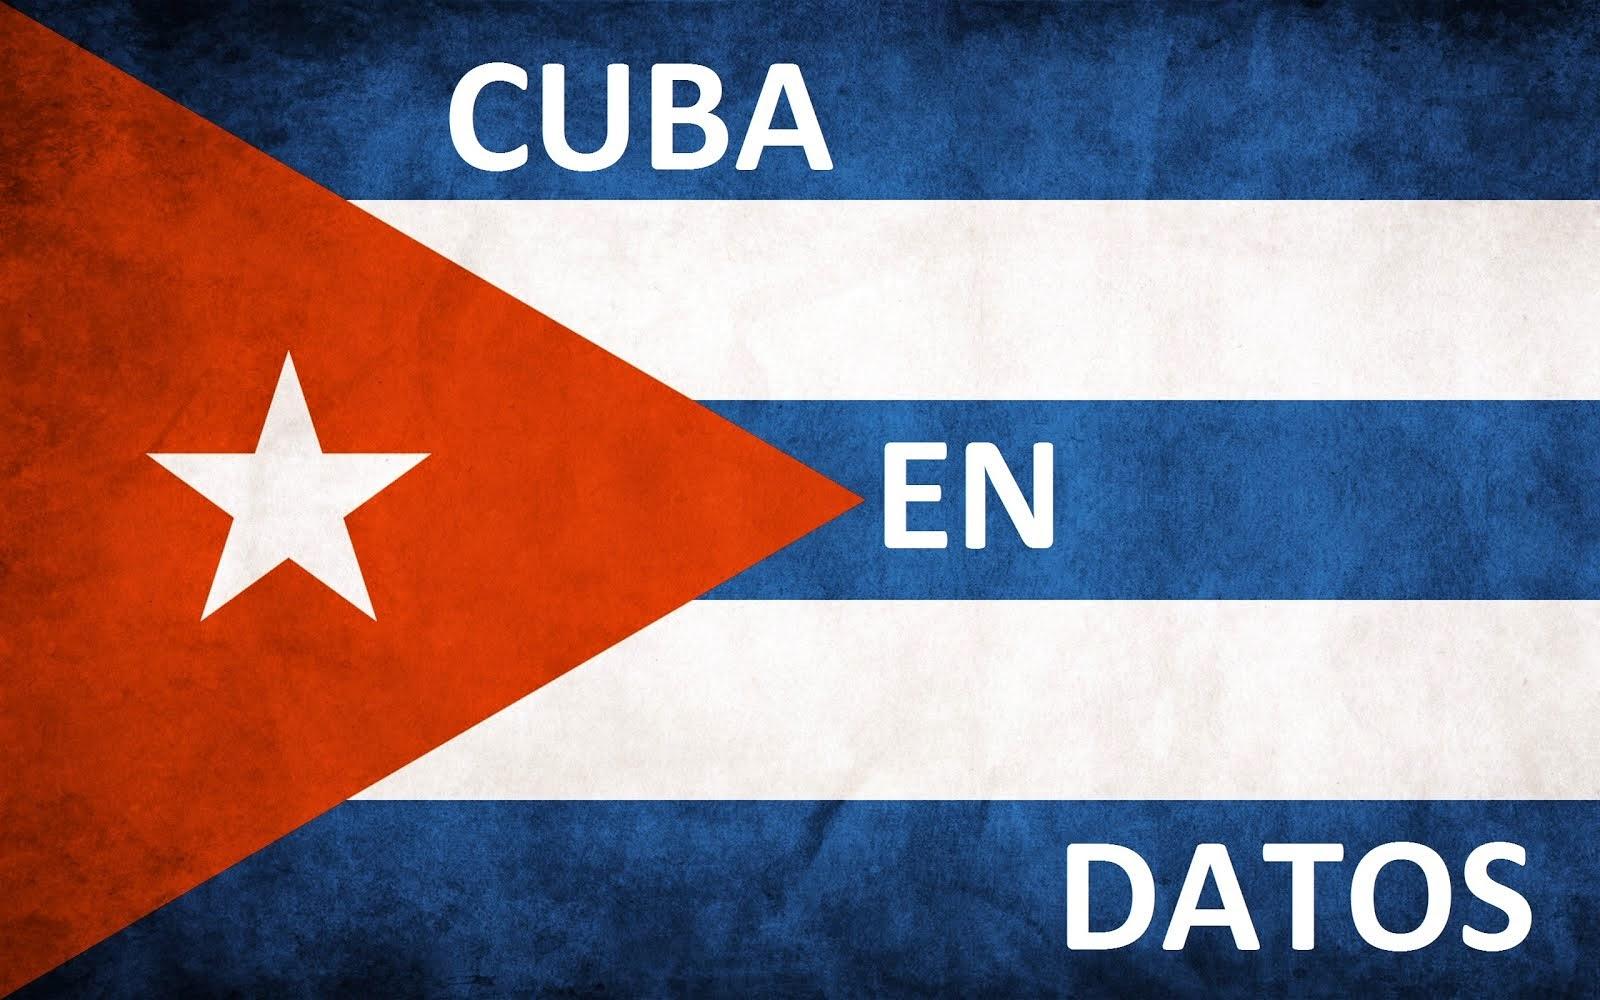 PINCHA EN LA IMAGEN: Cuba en datos